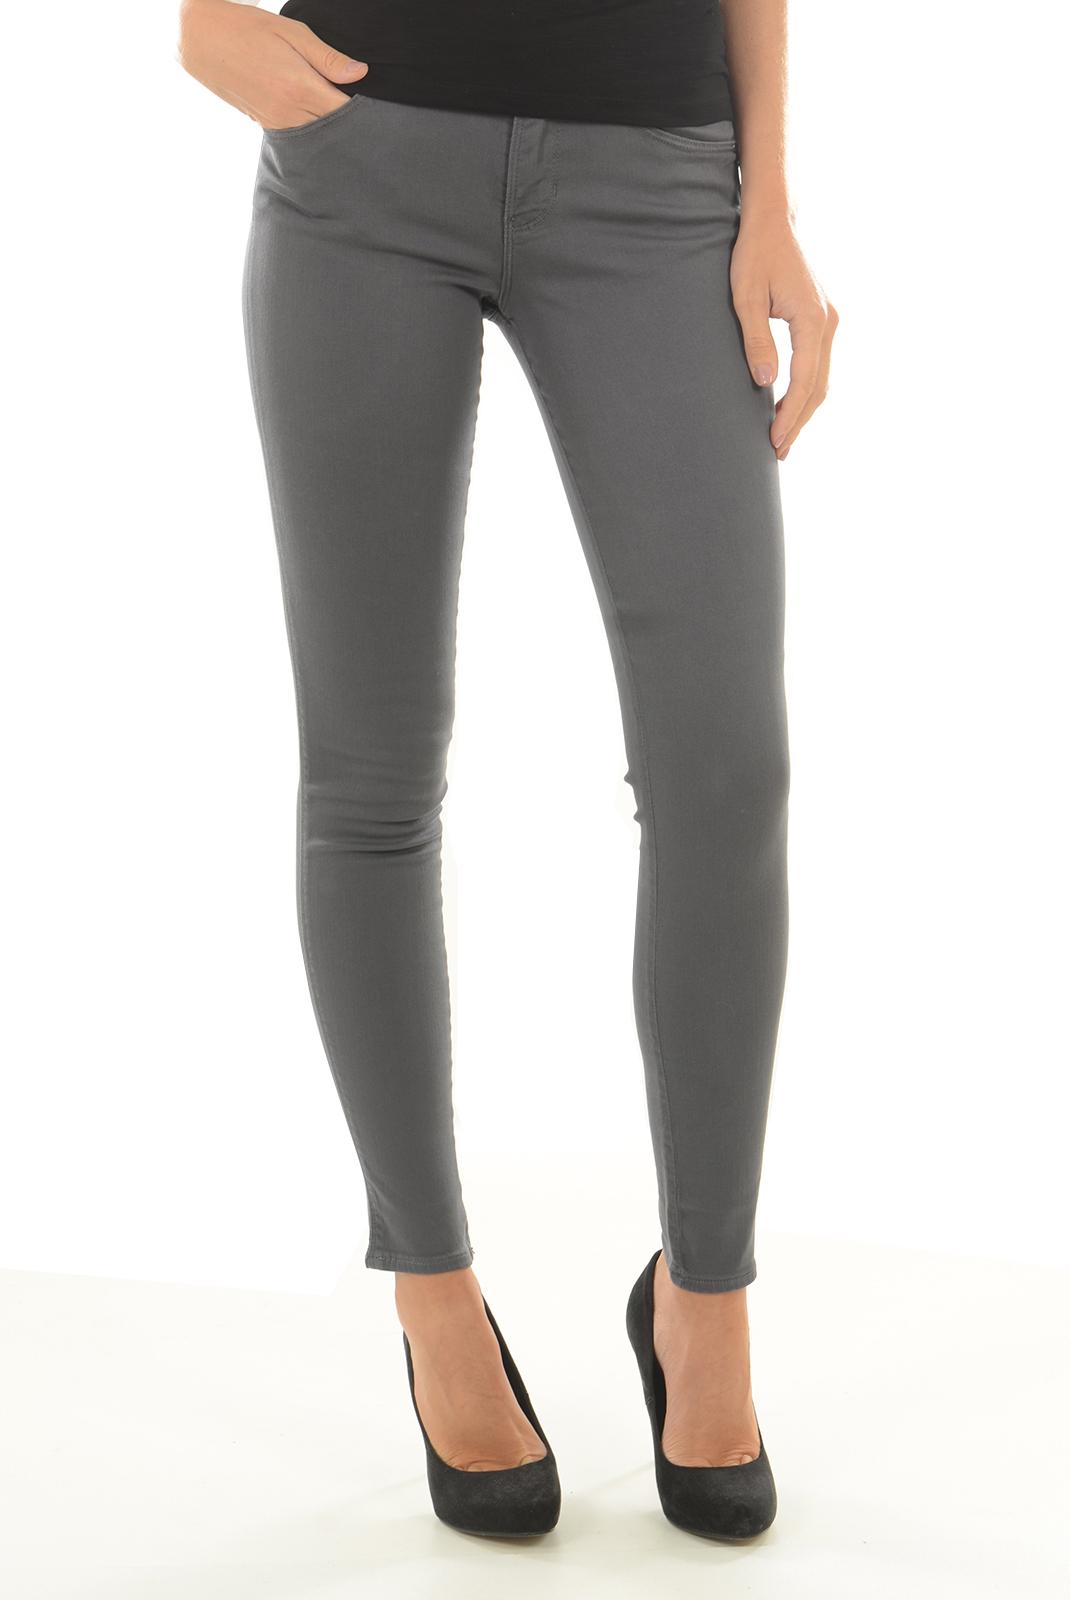 Jeans   Guess jeans W64AJ2 W7YE1 G903 ASH/GRIS